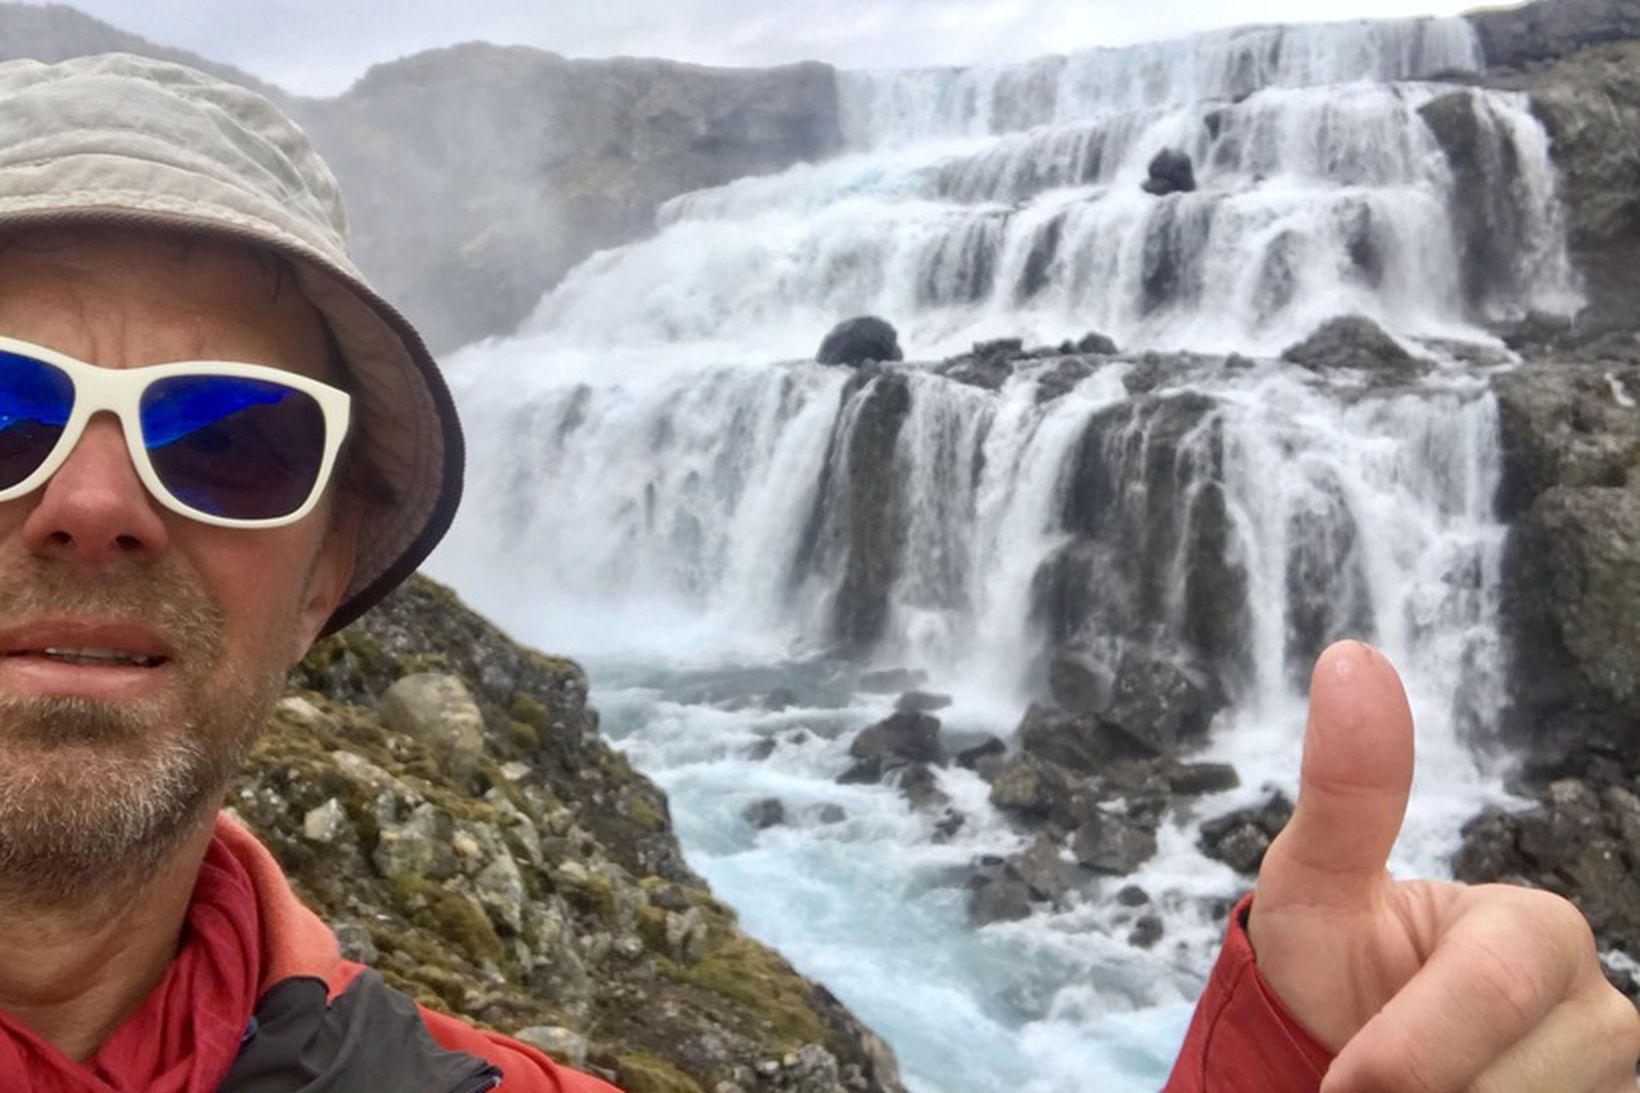 Tómas Guðbjartsson hjartaskurðlæknir birti þessa mynd á Facebook snemmsumars. Hún …